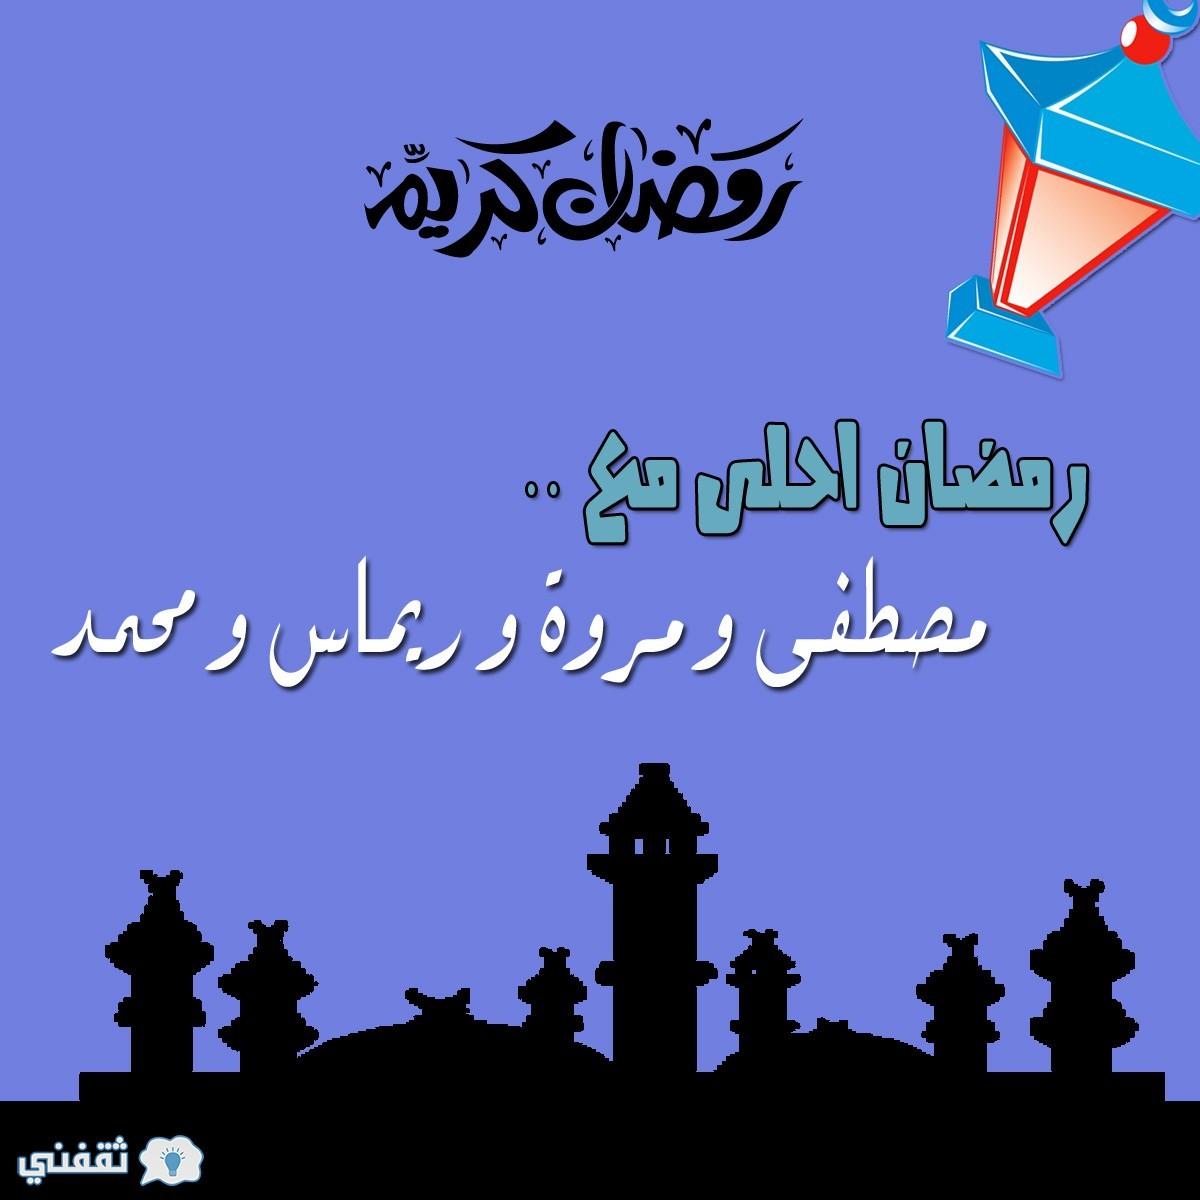 رمضان احلى مع مصطفى و مروة و ريماس و محمد